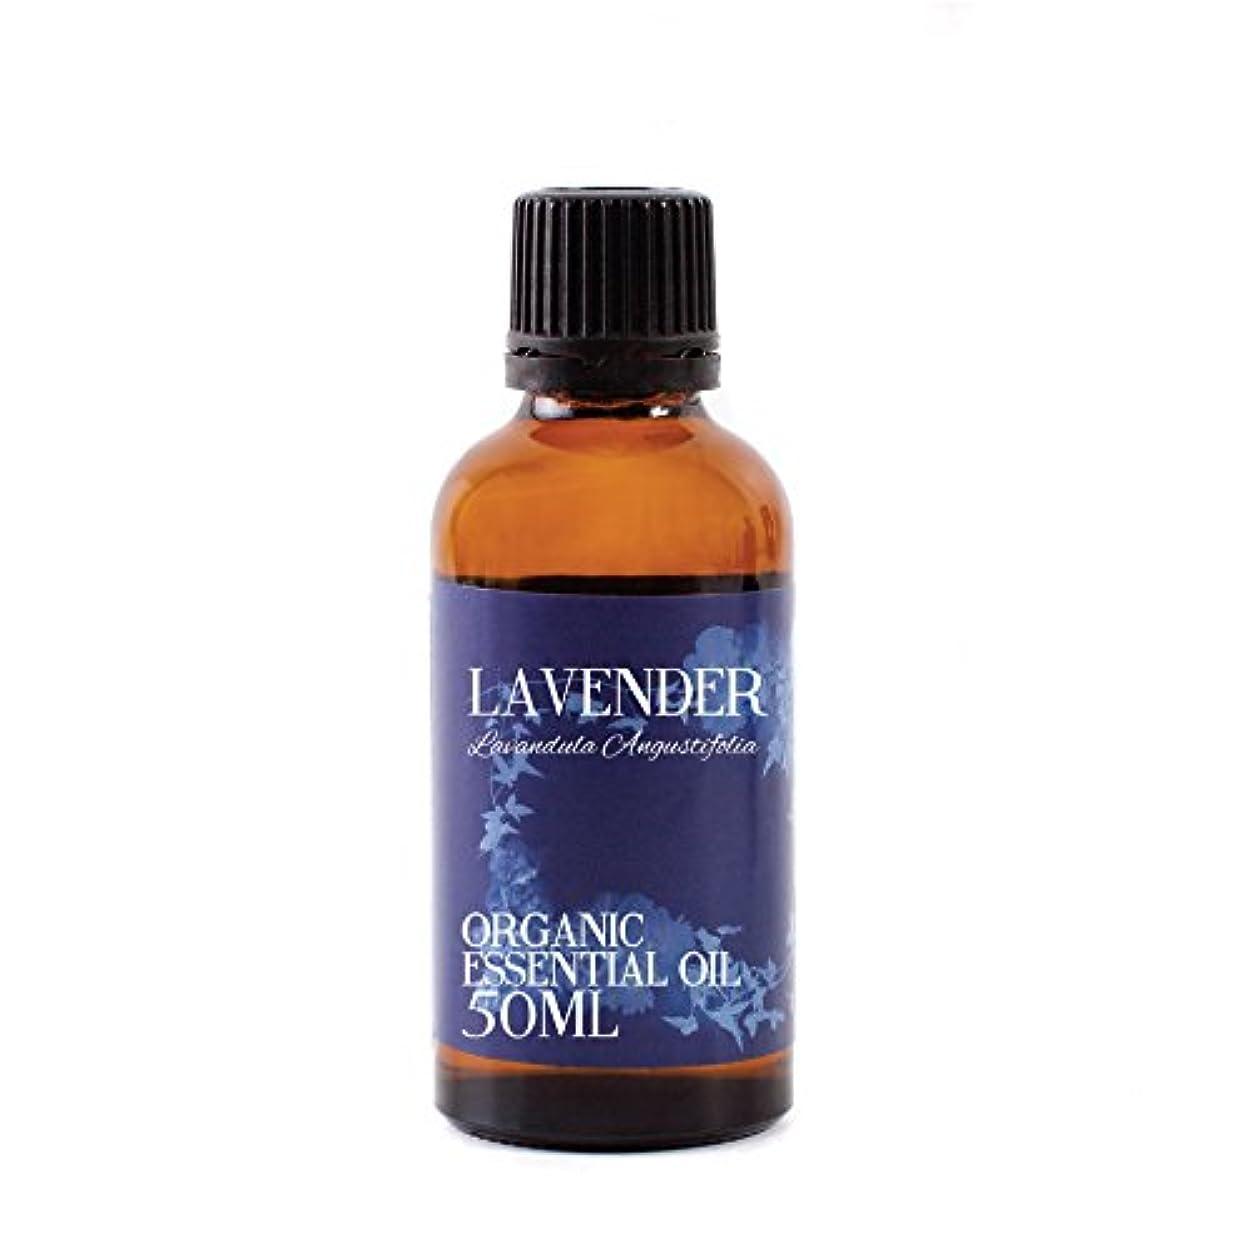 満足できるトリクル原子炉Mystic Moments | Lavender Organic Essential Oil - 50ml - 100% Pure